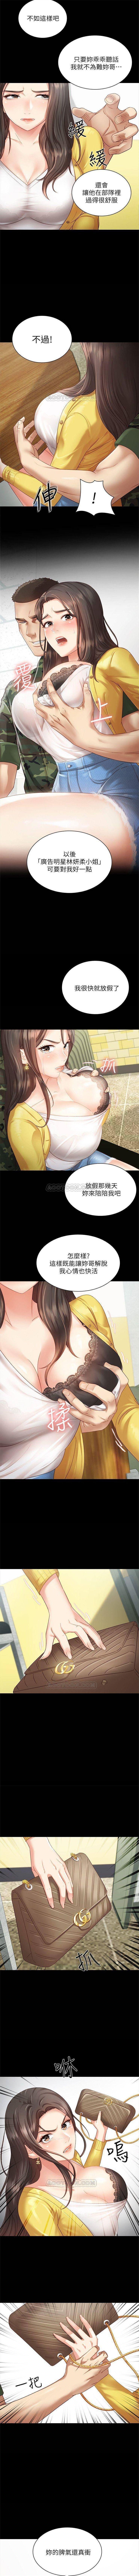 (週6)妹妹的義務 1-19 中文翻譯(更新中) 21